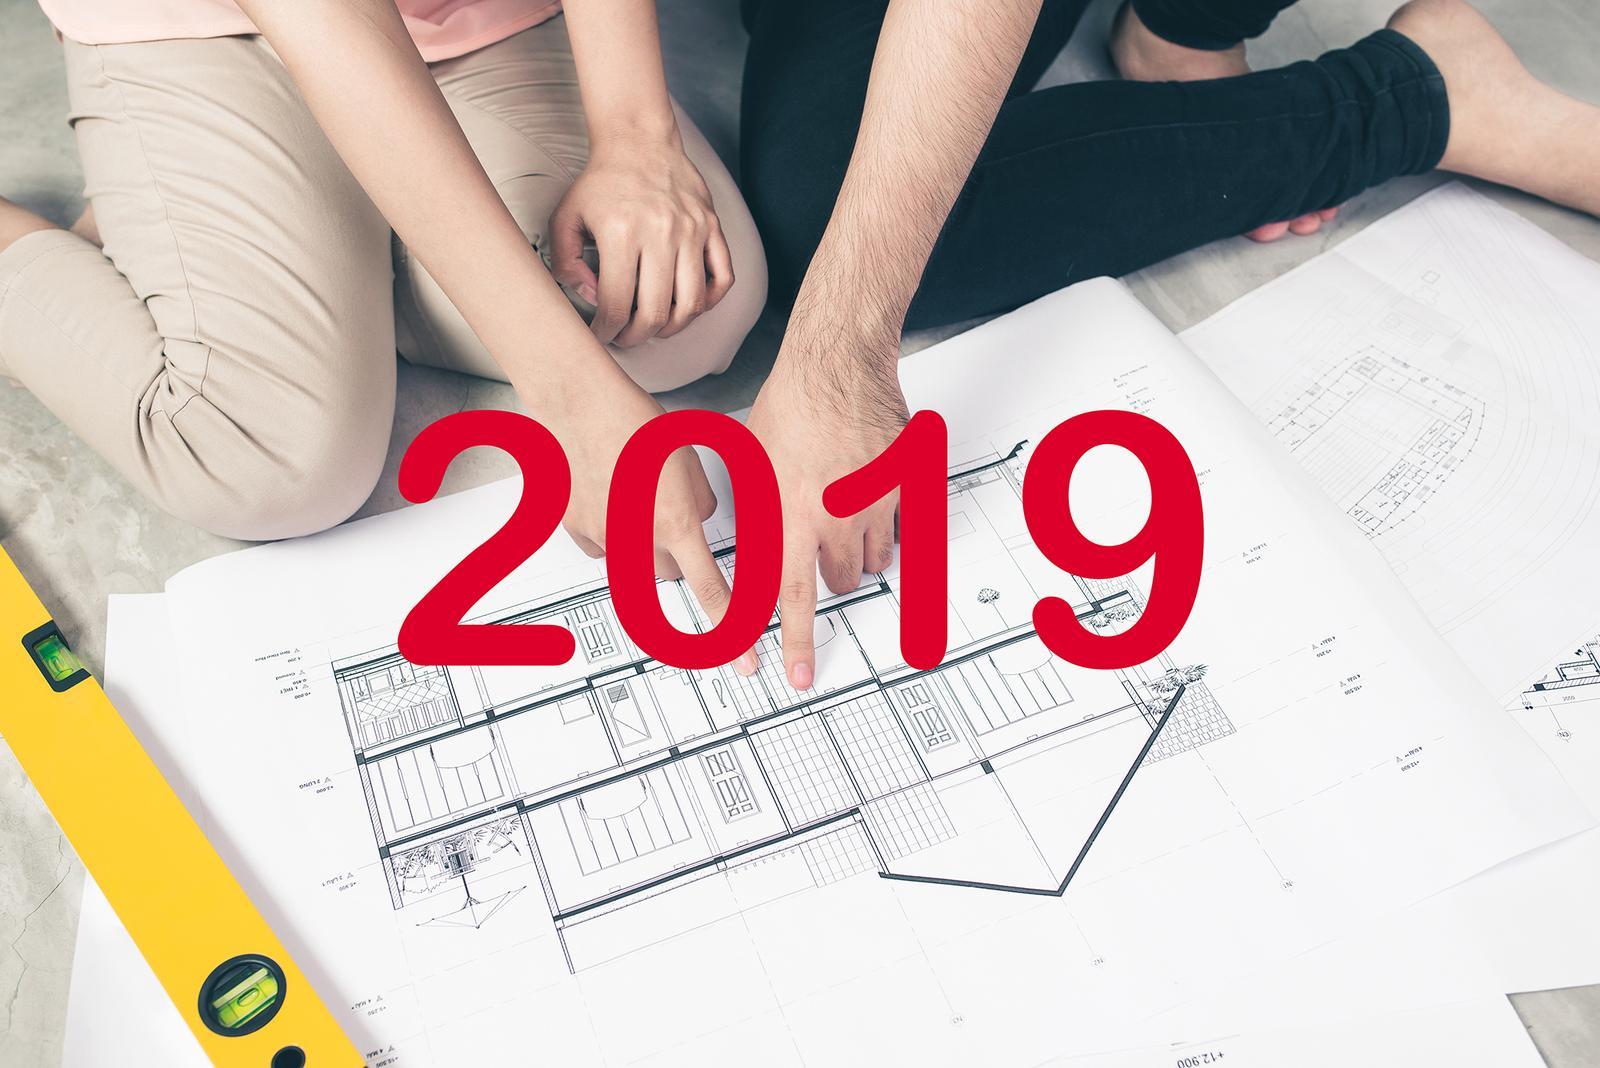 V roce 2019 začínáme stavět - Fotografie skupiny